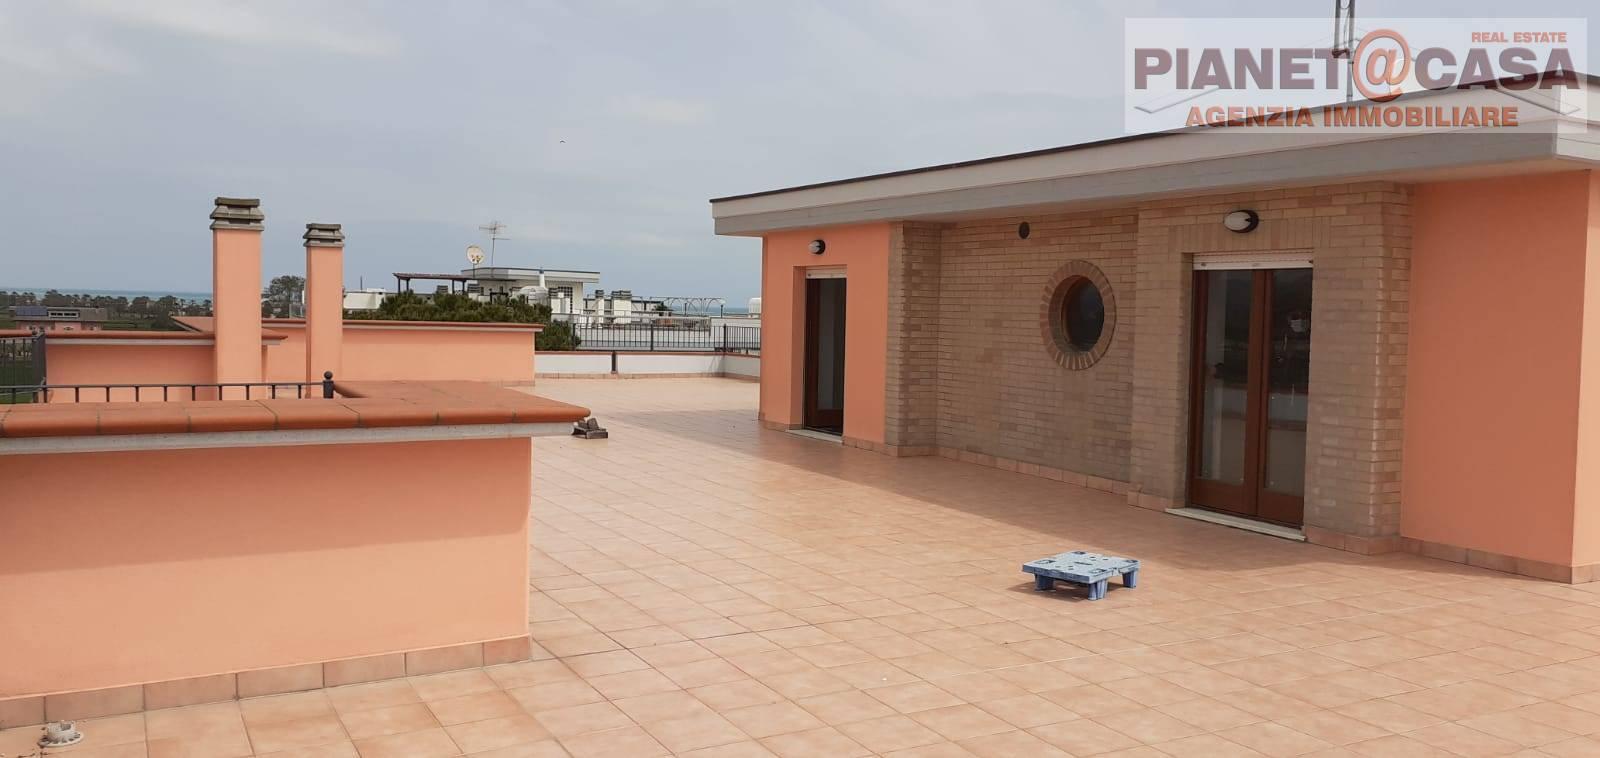 Attico / Mansarda in vendita a Martinsicuro, 4 locali, zona Località: VILLAROSA, prezzo € 270.000 | PortaleAgenzieImmobiliari.it